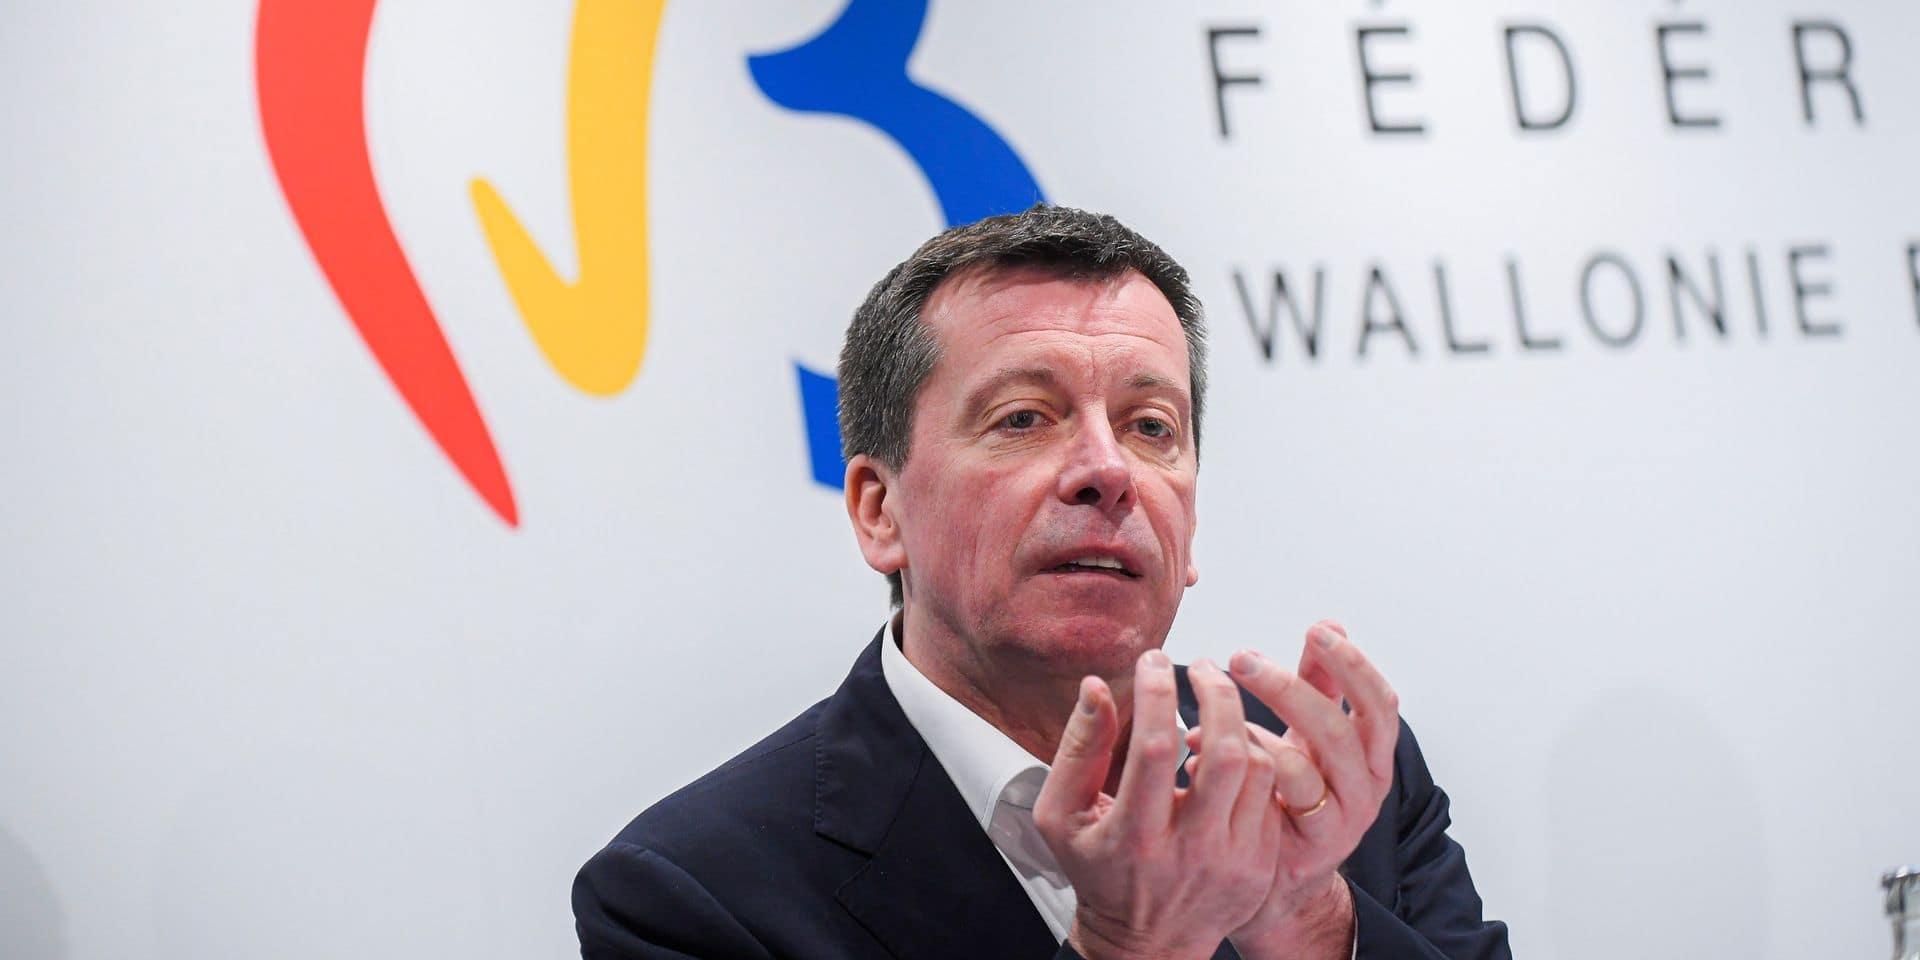 La Fédération Wallonie-Bruxelles va lever 1,4 milliard sur les marchés